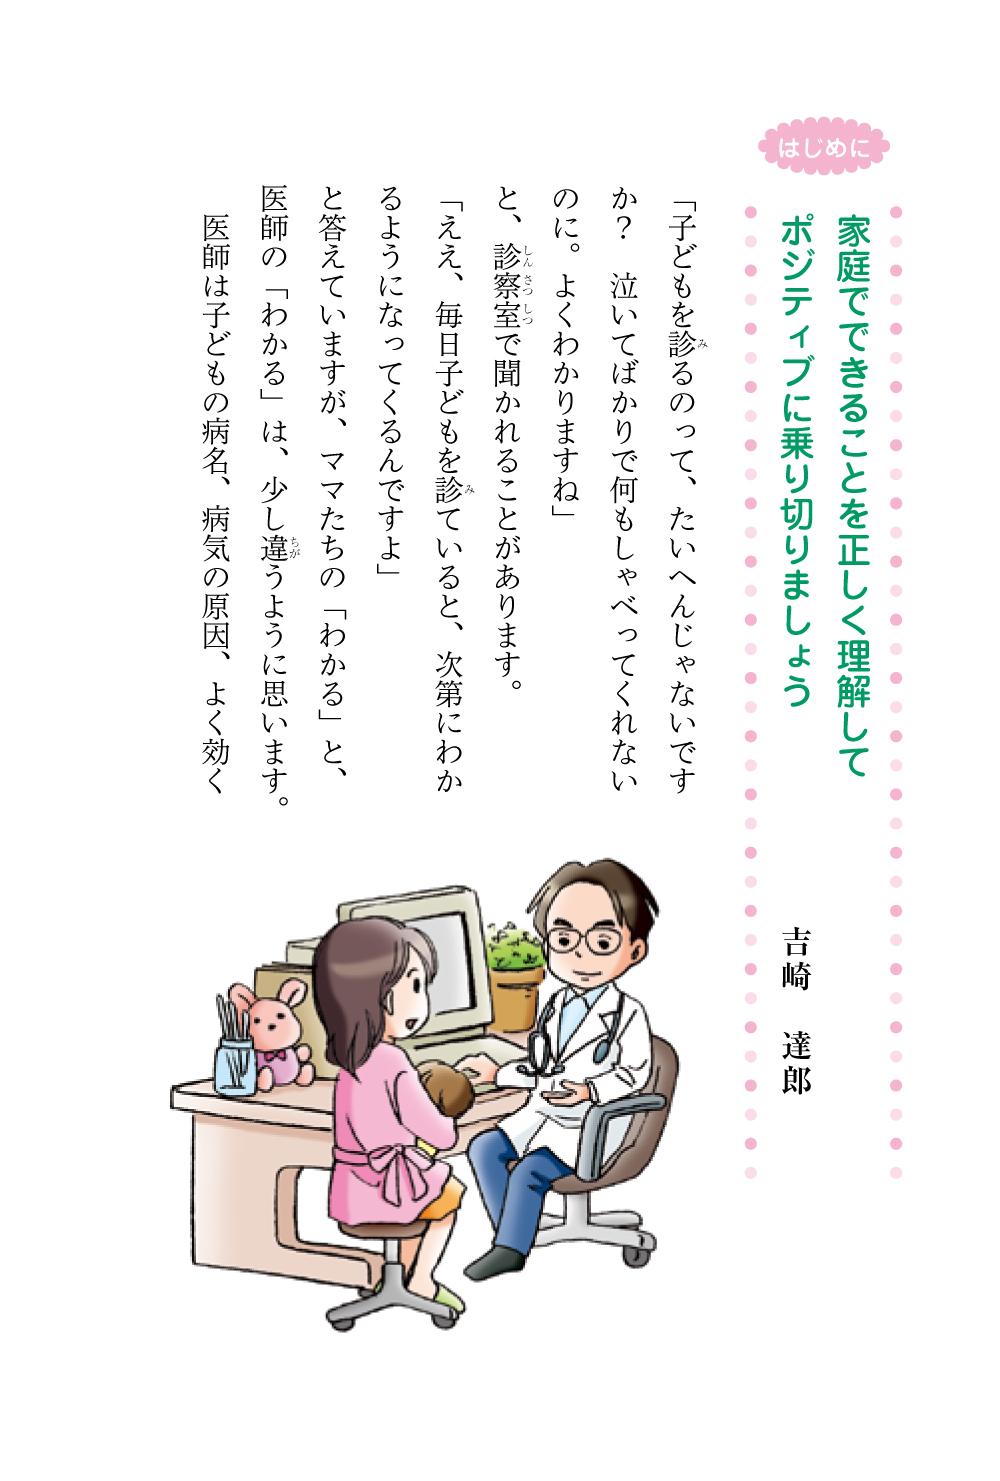 子どものコロナ対策に安心の1冊!『子育てハッピーアドバイス小児科の巻』の画像2